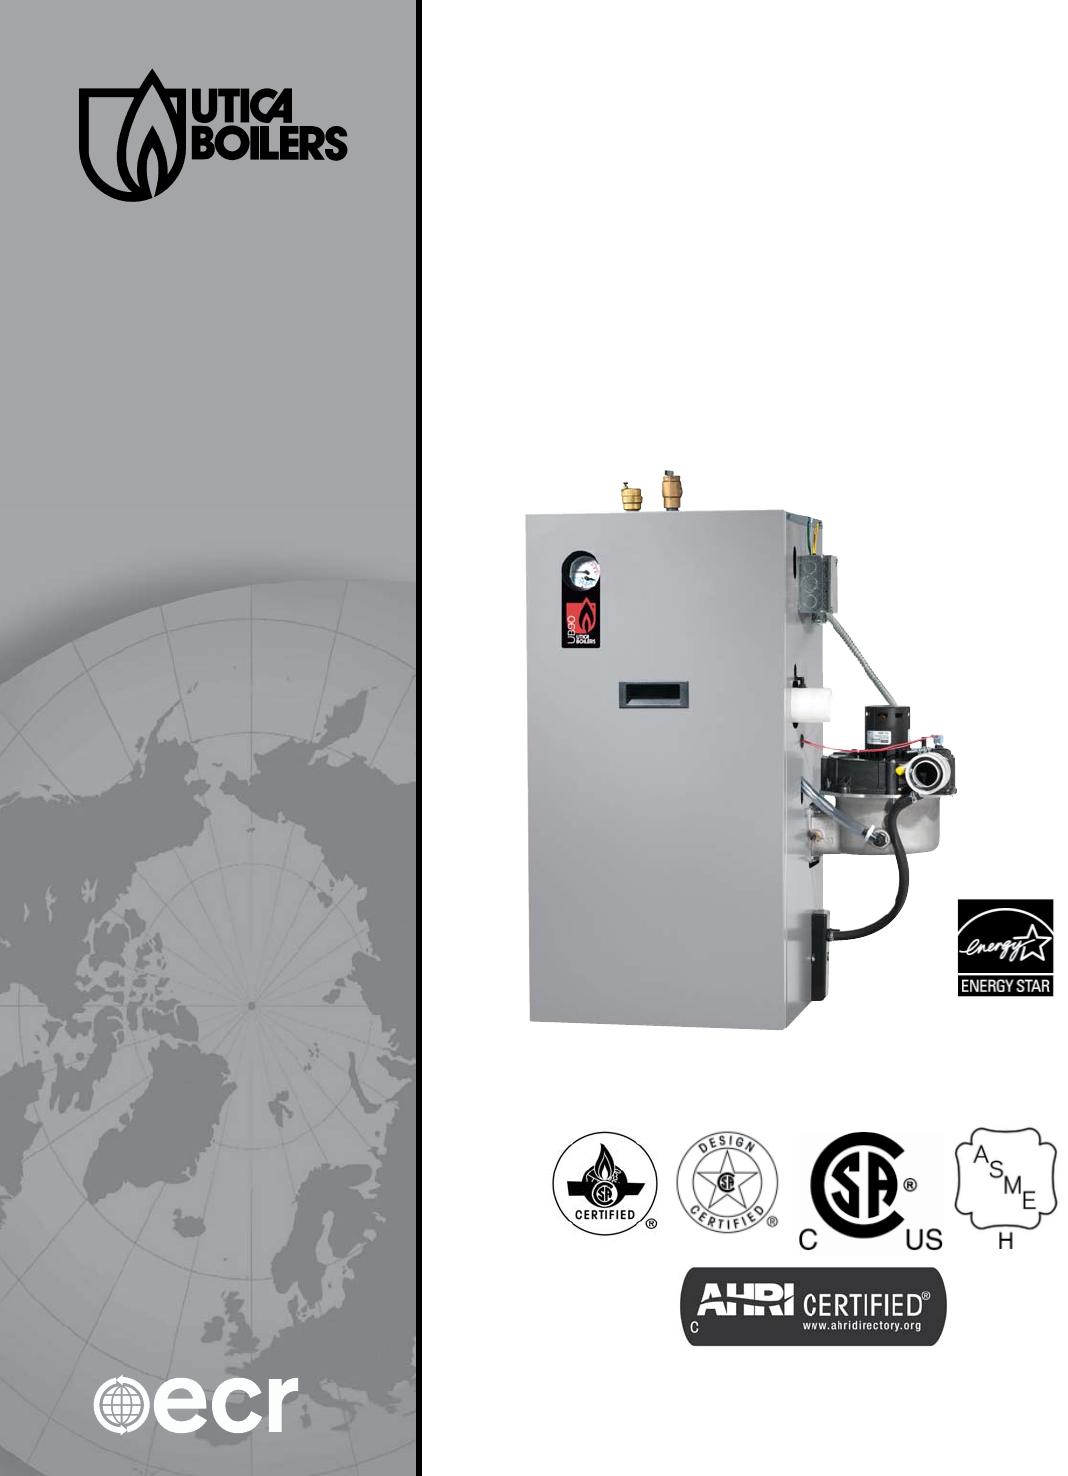 Utica Boiler Wiring Diagram on utica boiler parts, utica boiler system, utica boiler brochure, a.o. smith wiring diagram, utica boiler installation, utica boiler controls,